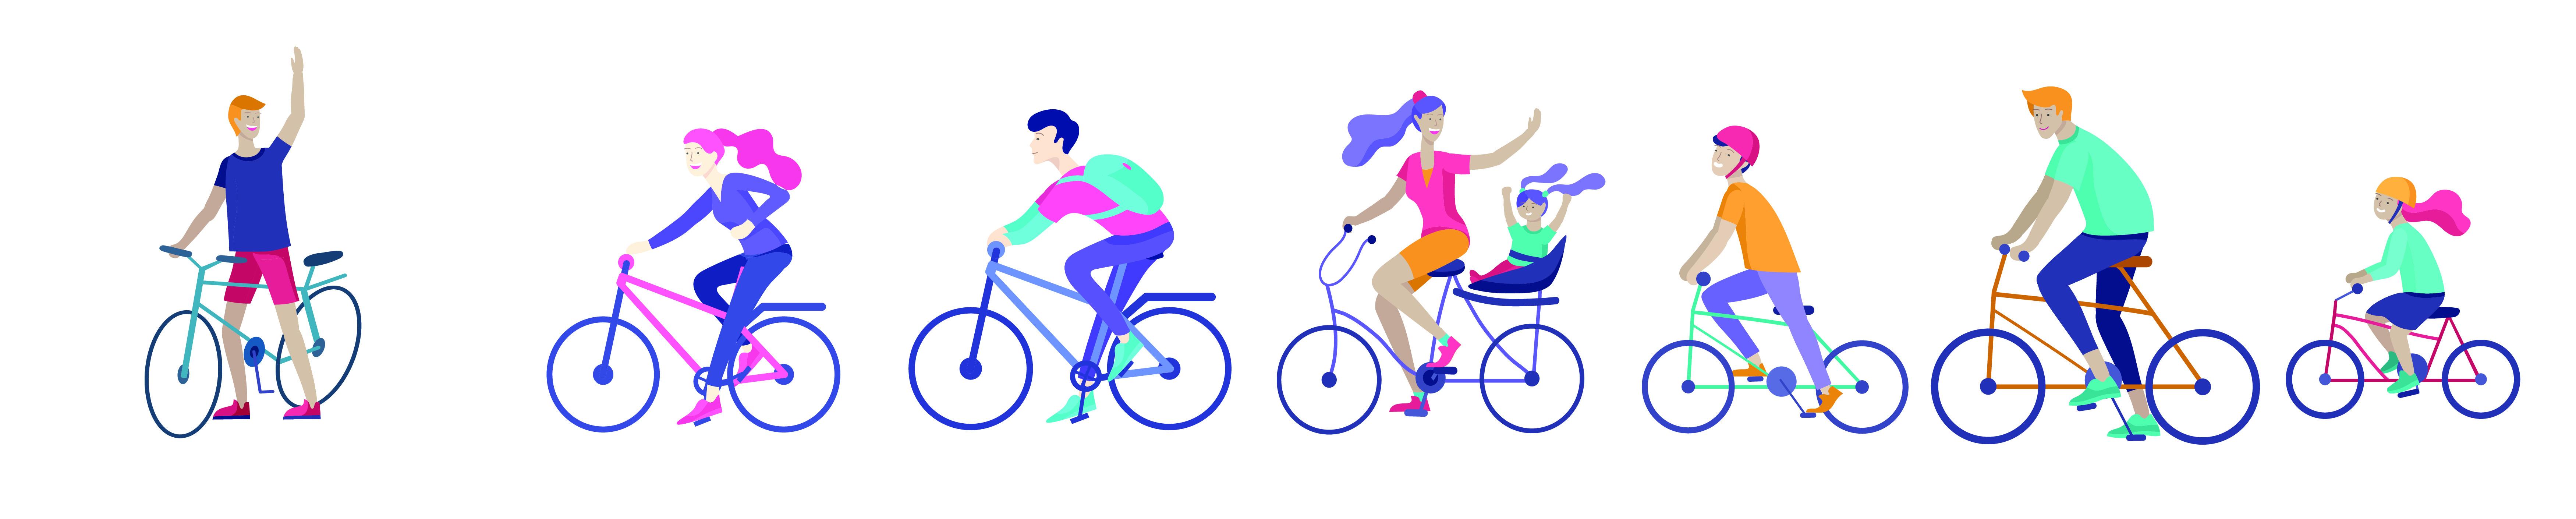 Dessins naifs de cyclistes jeunes et plus agés très content de rouler